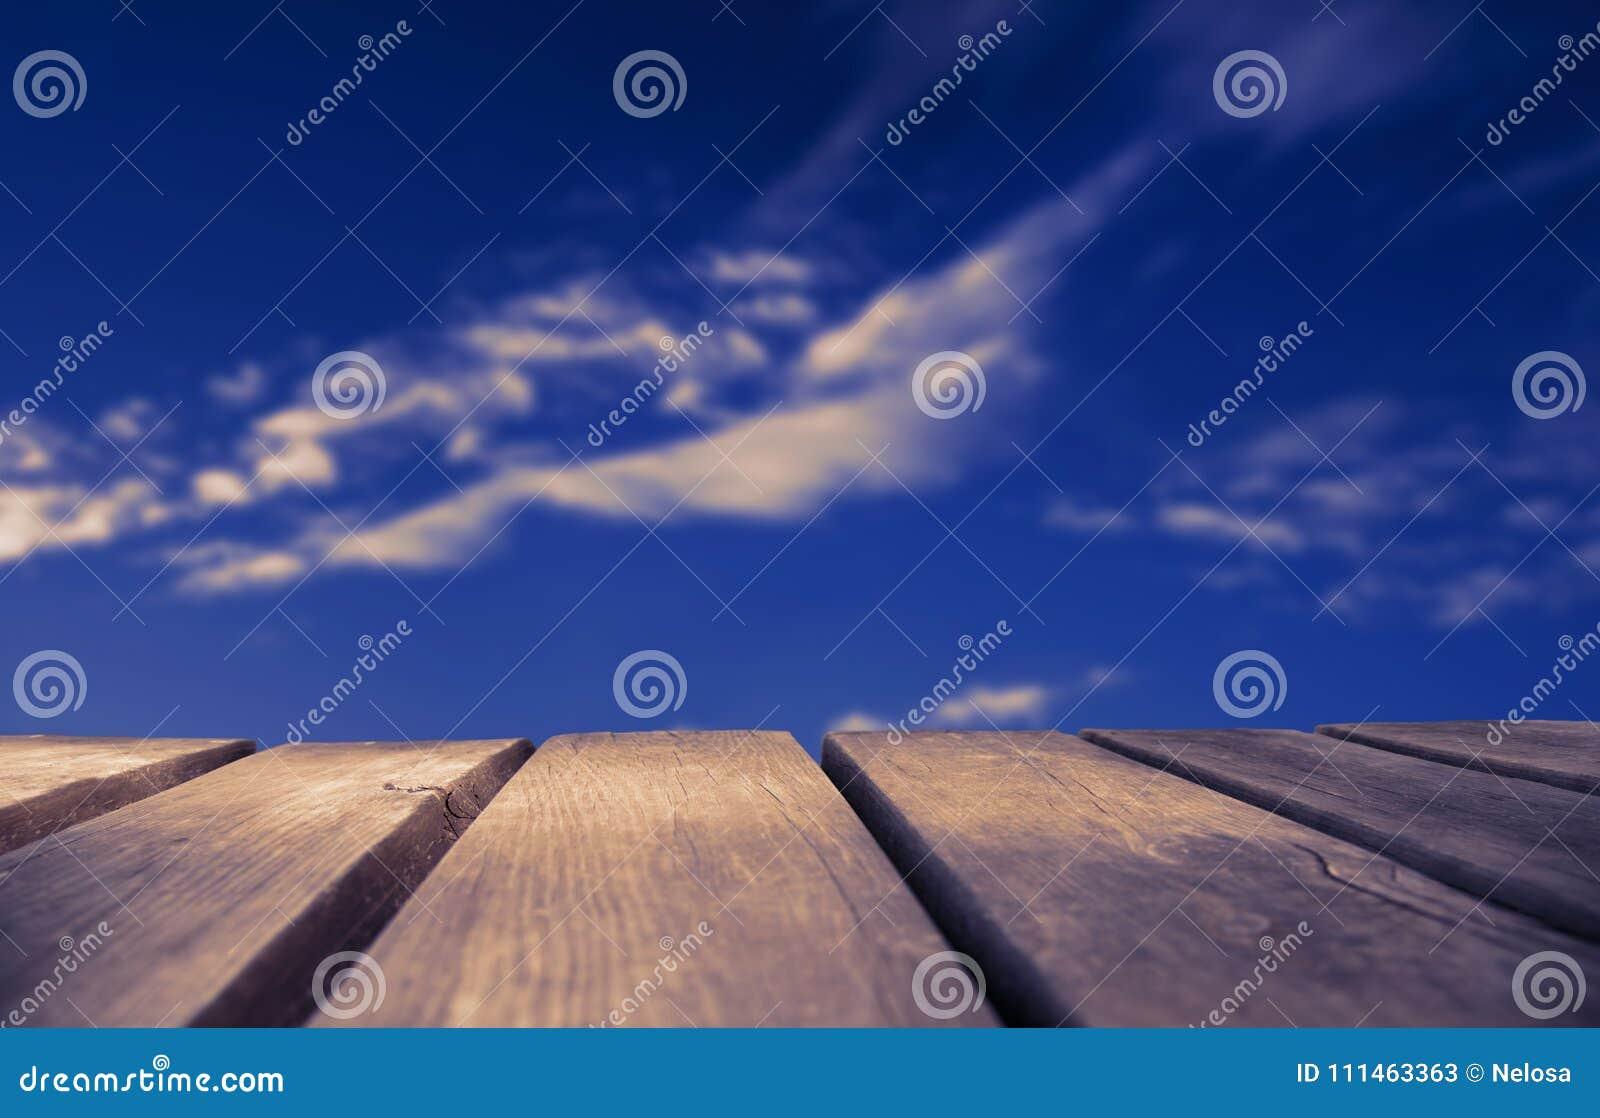 Деревянная доска с голубым небом как предпосылка, рубиновый ретро фильтр